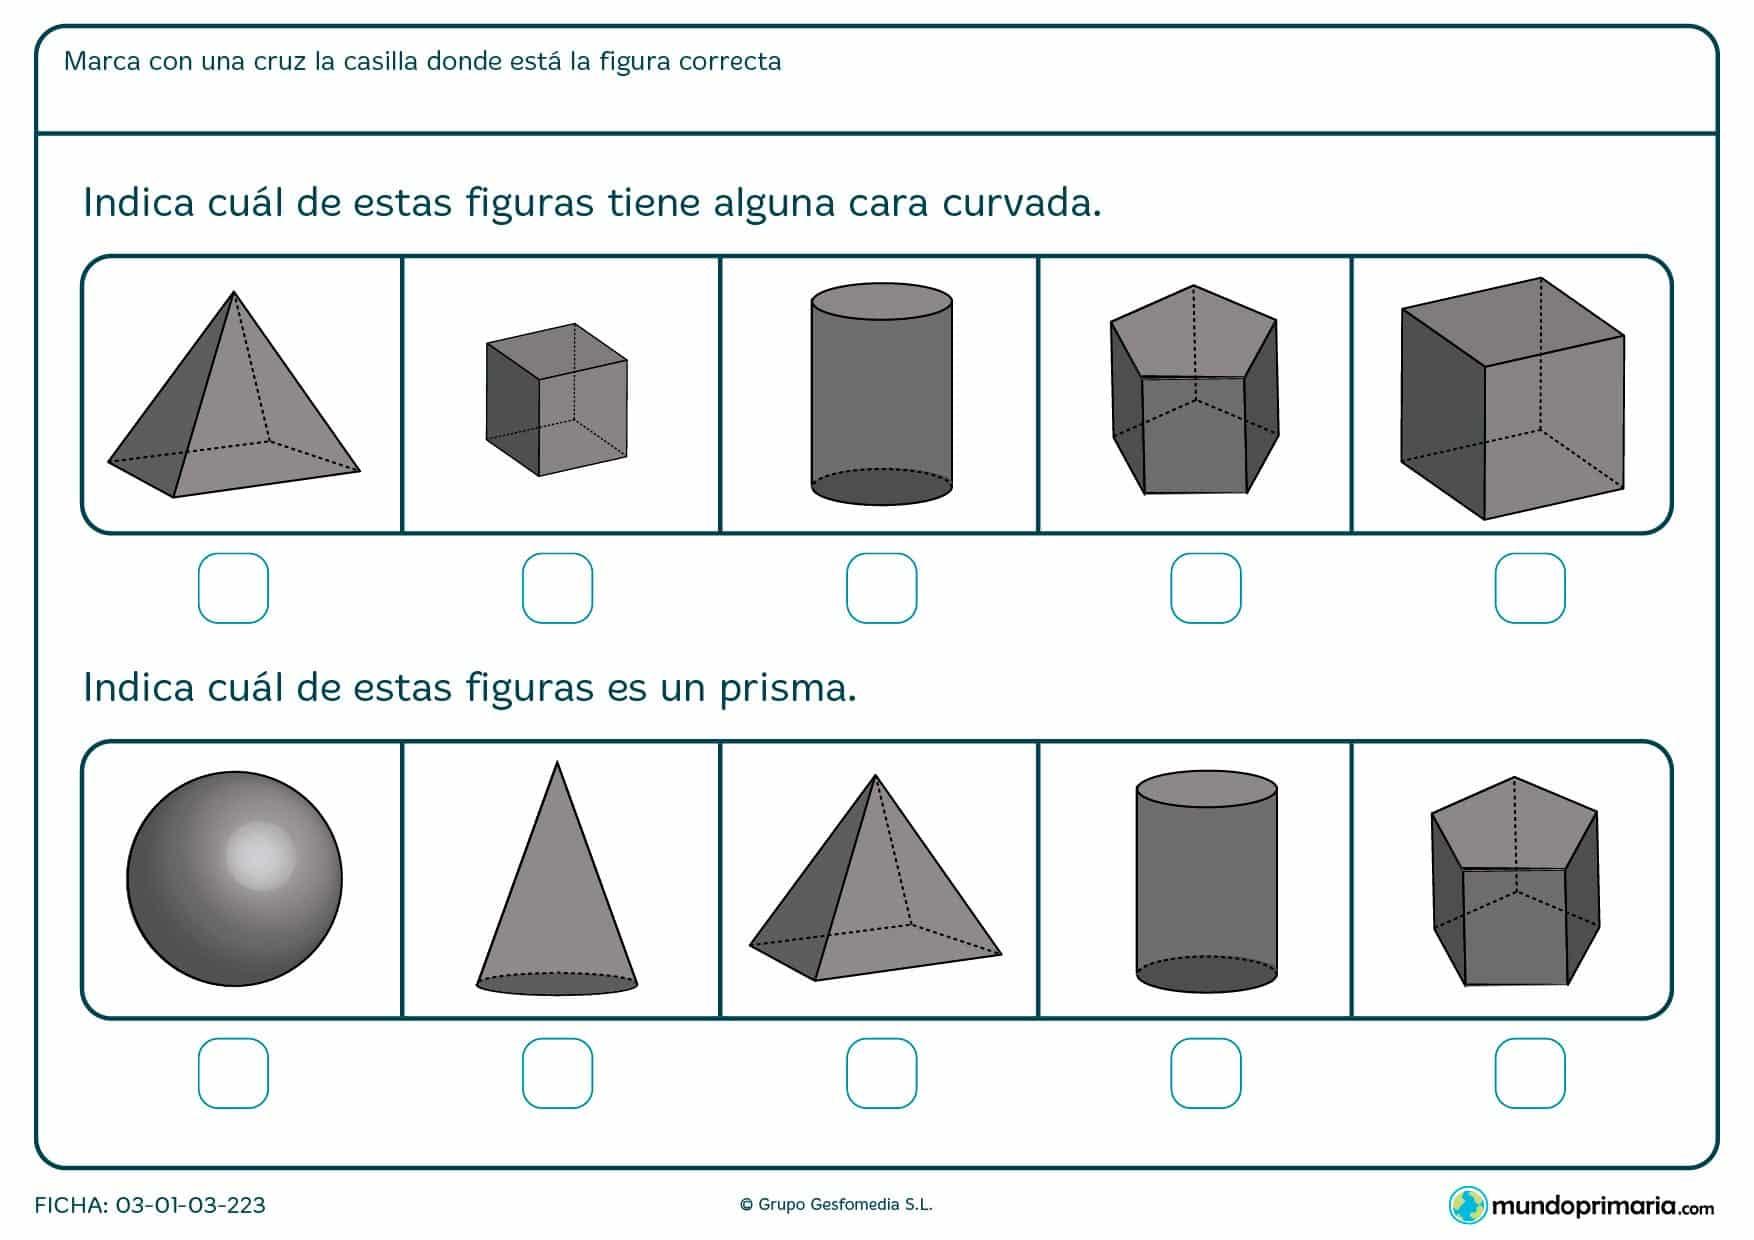 Ficha de superficies curvas en el que hay que marcar con una cruz la casilla en la que se encuentre la figura correcta.